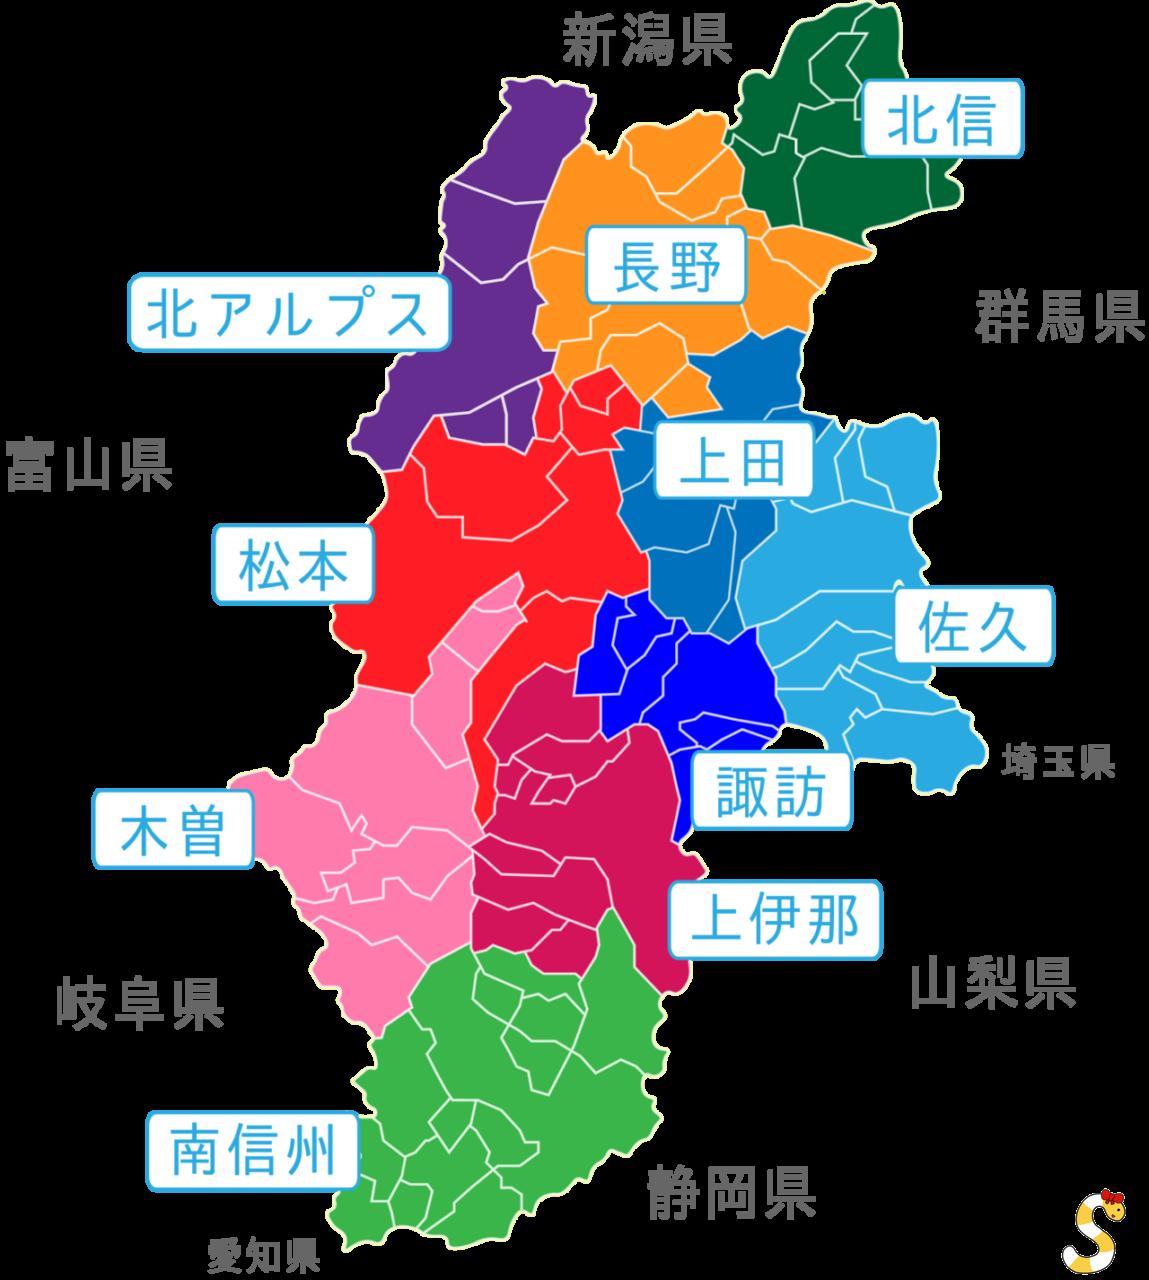 10区分長野県